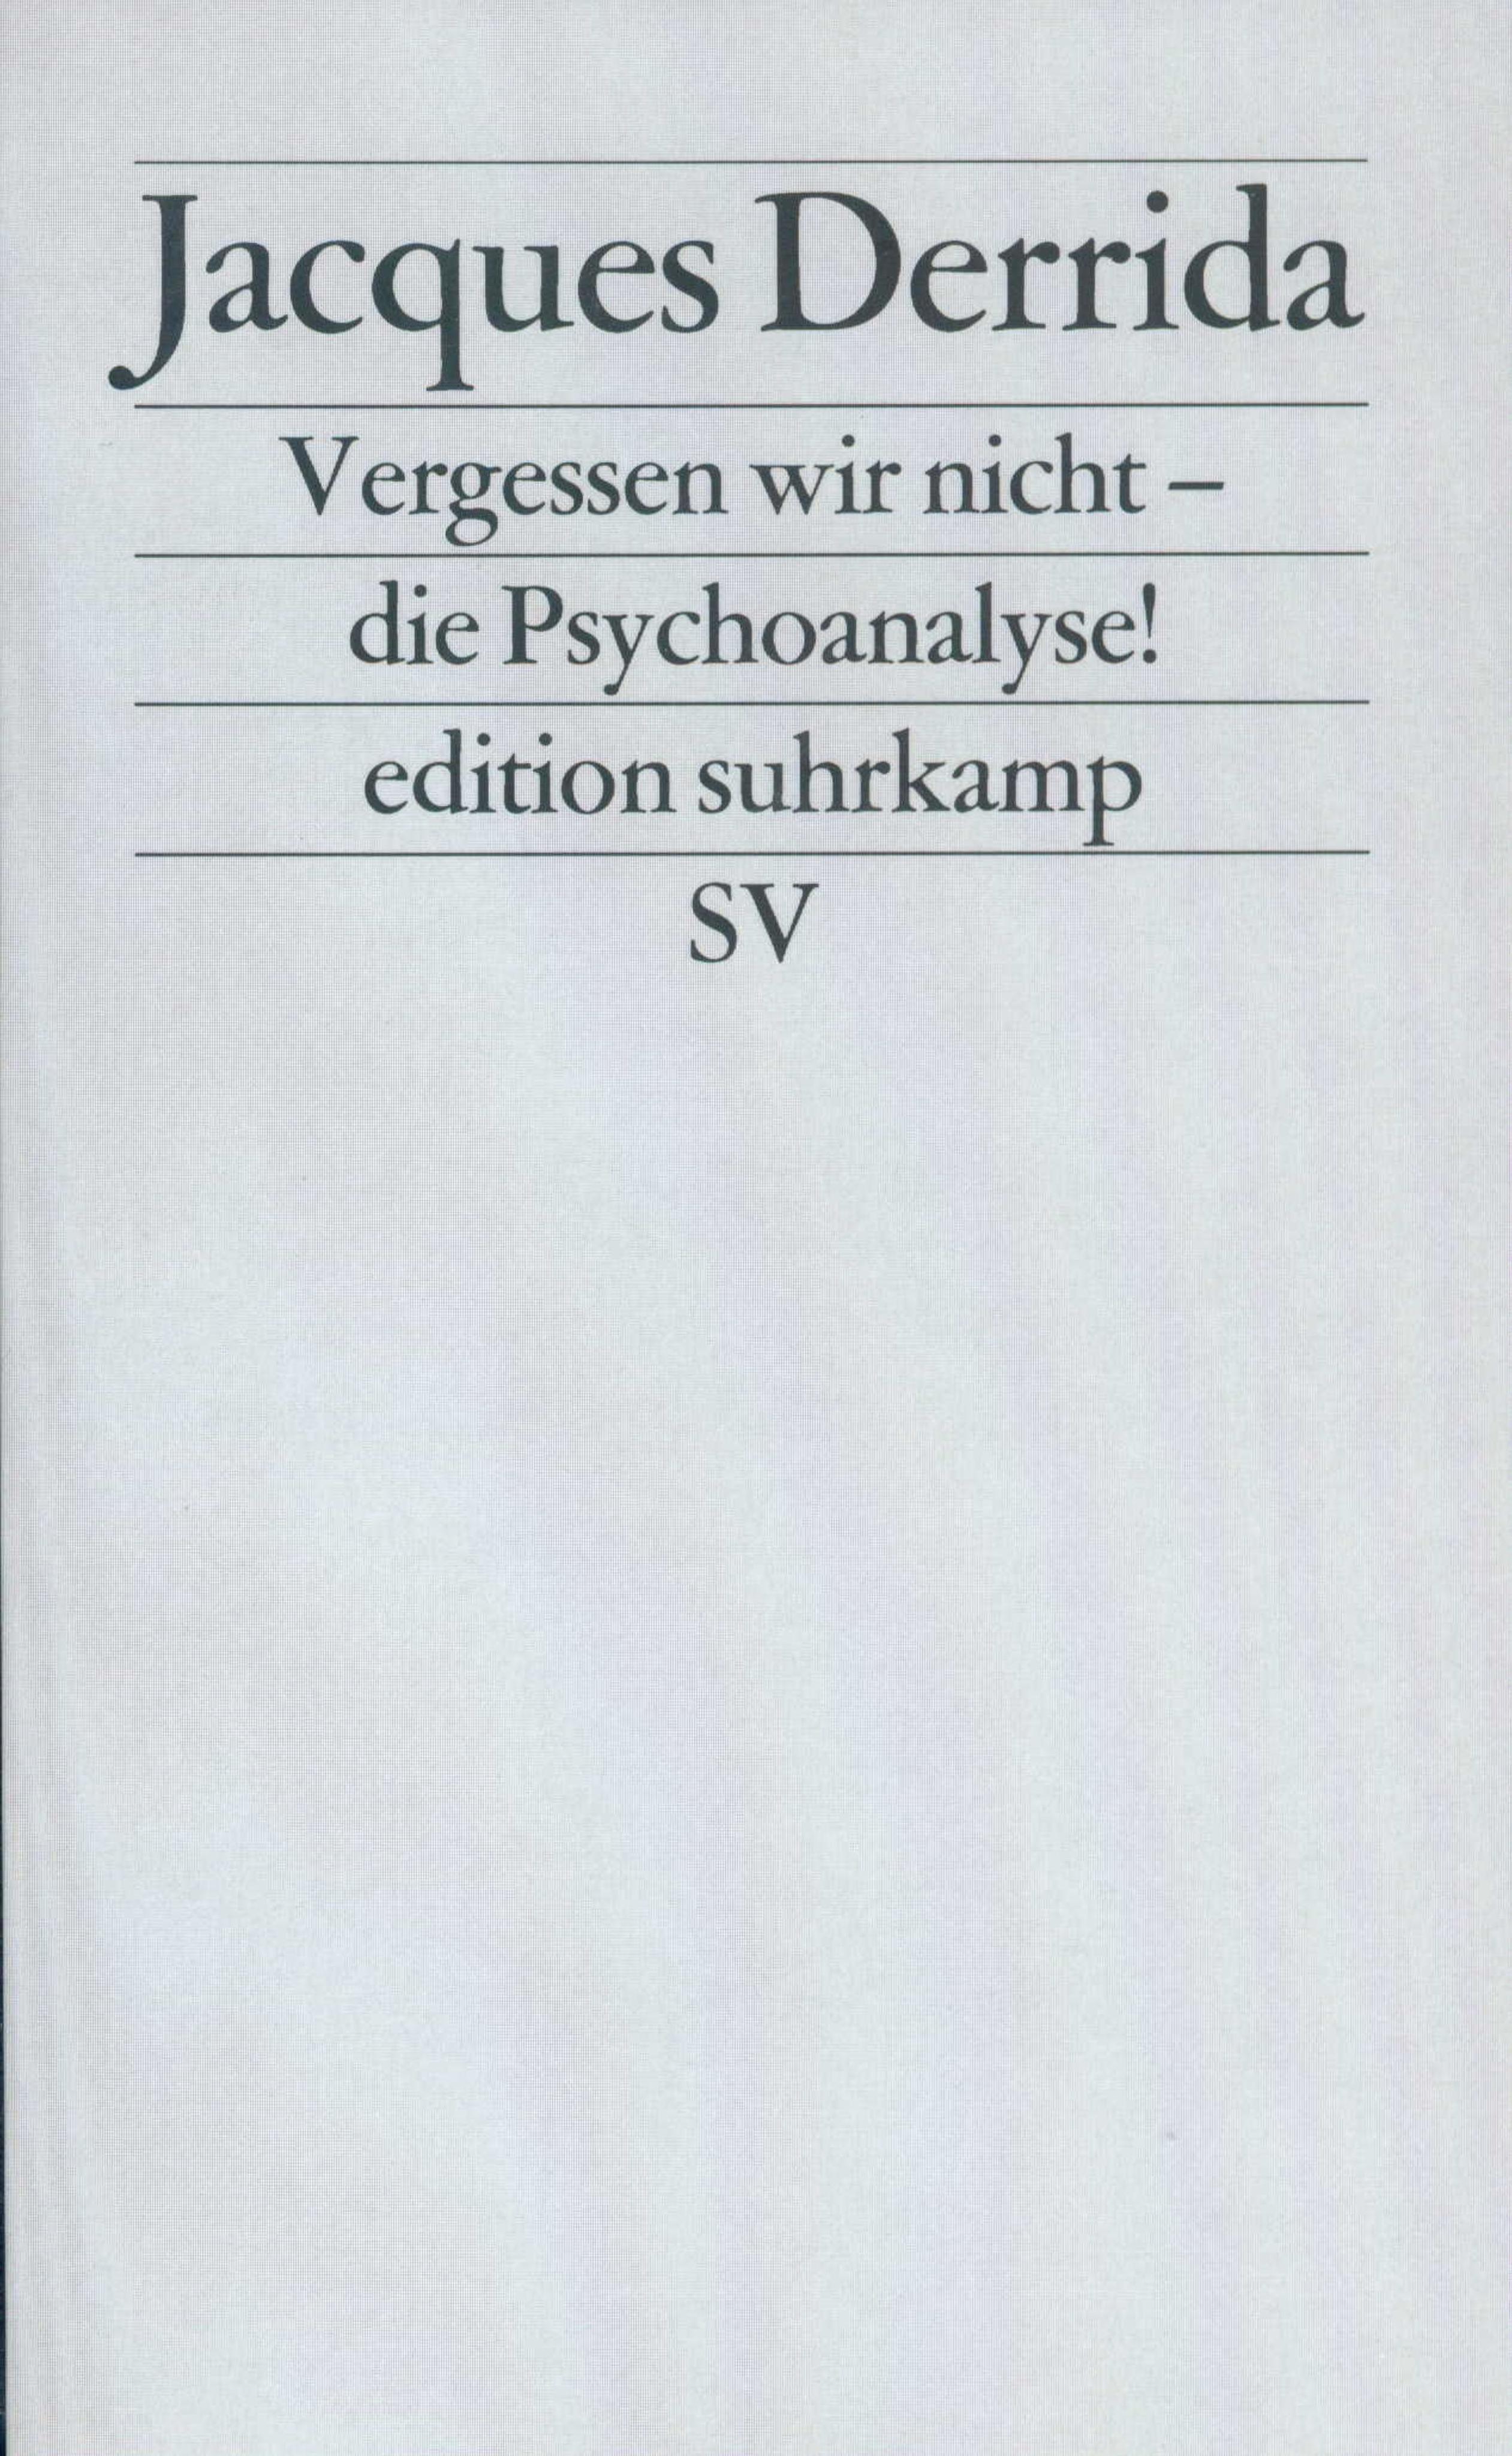 Vergessen wir nicht – die Psychoanalyse!